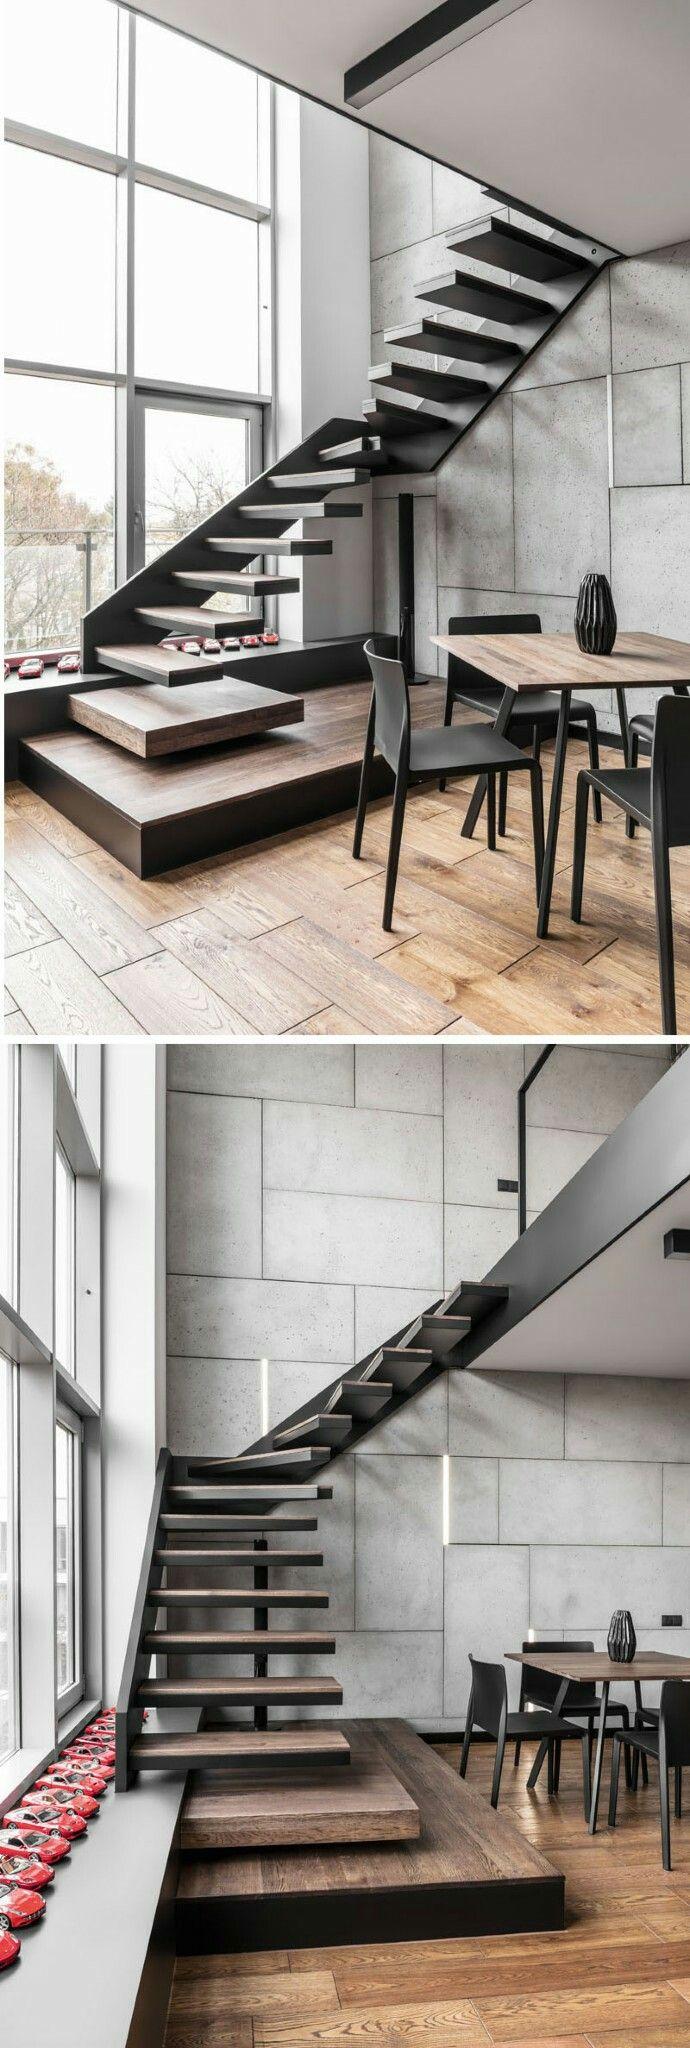 Pin De Kicki En Treppen Pinterest Escalera Arquitectura Y  ~ Materiales Para Peldaños De Escaleras Interiores